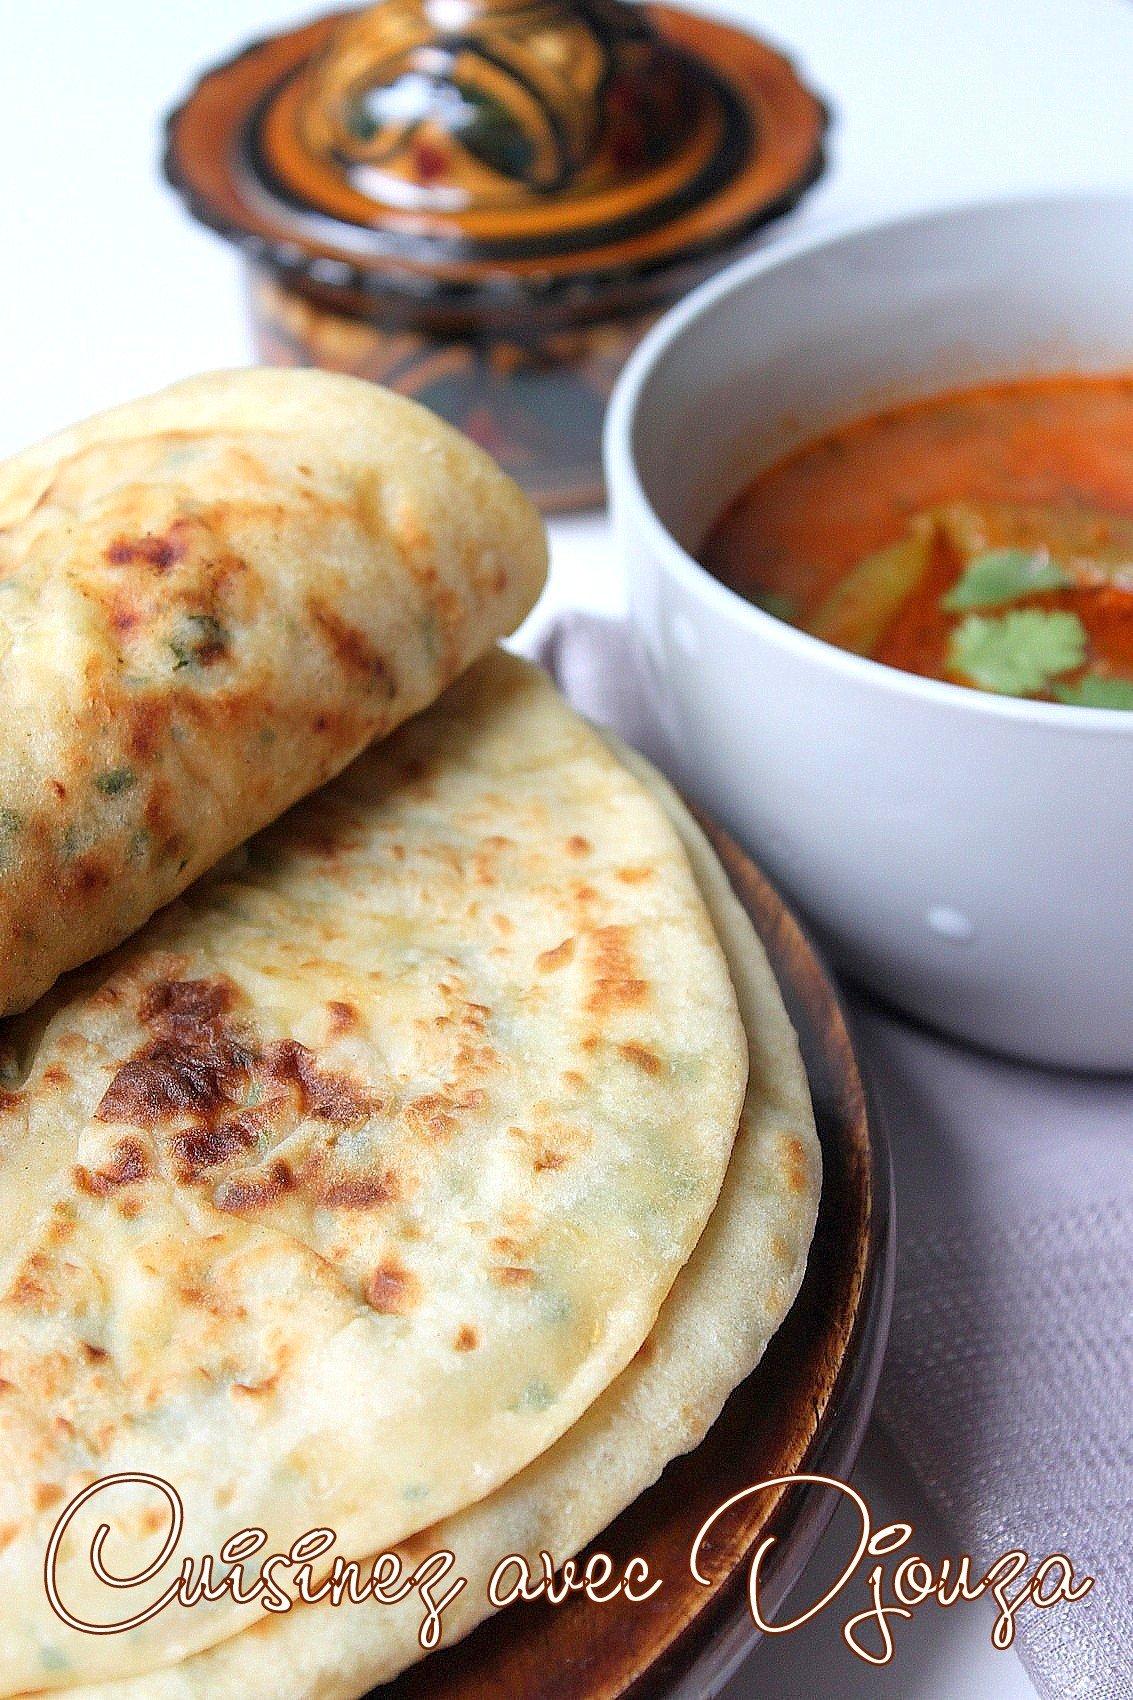 recette pain arabe farci sans levure recettes faciles recettes rapides de djouza. Black Bedroom Furniture Sets. Home Design Ideas